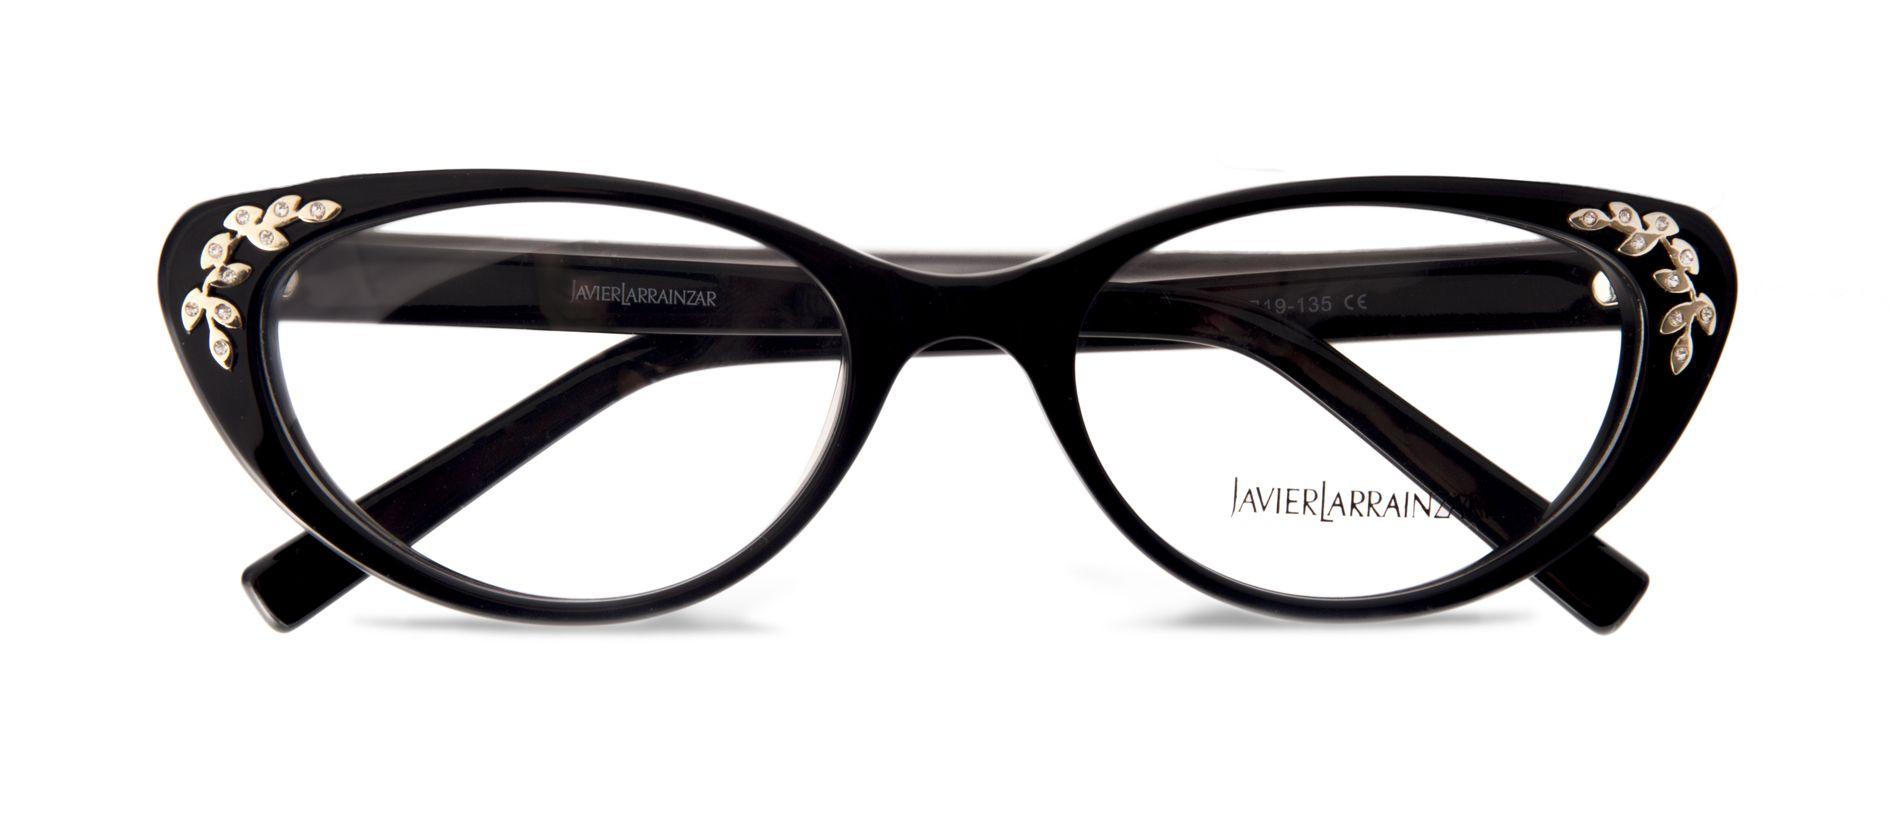 Gafas cat eye. Diseño de Javier Larrainzar para Opticalia | nueva ...